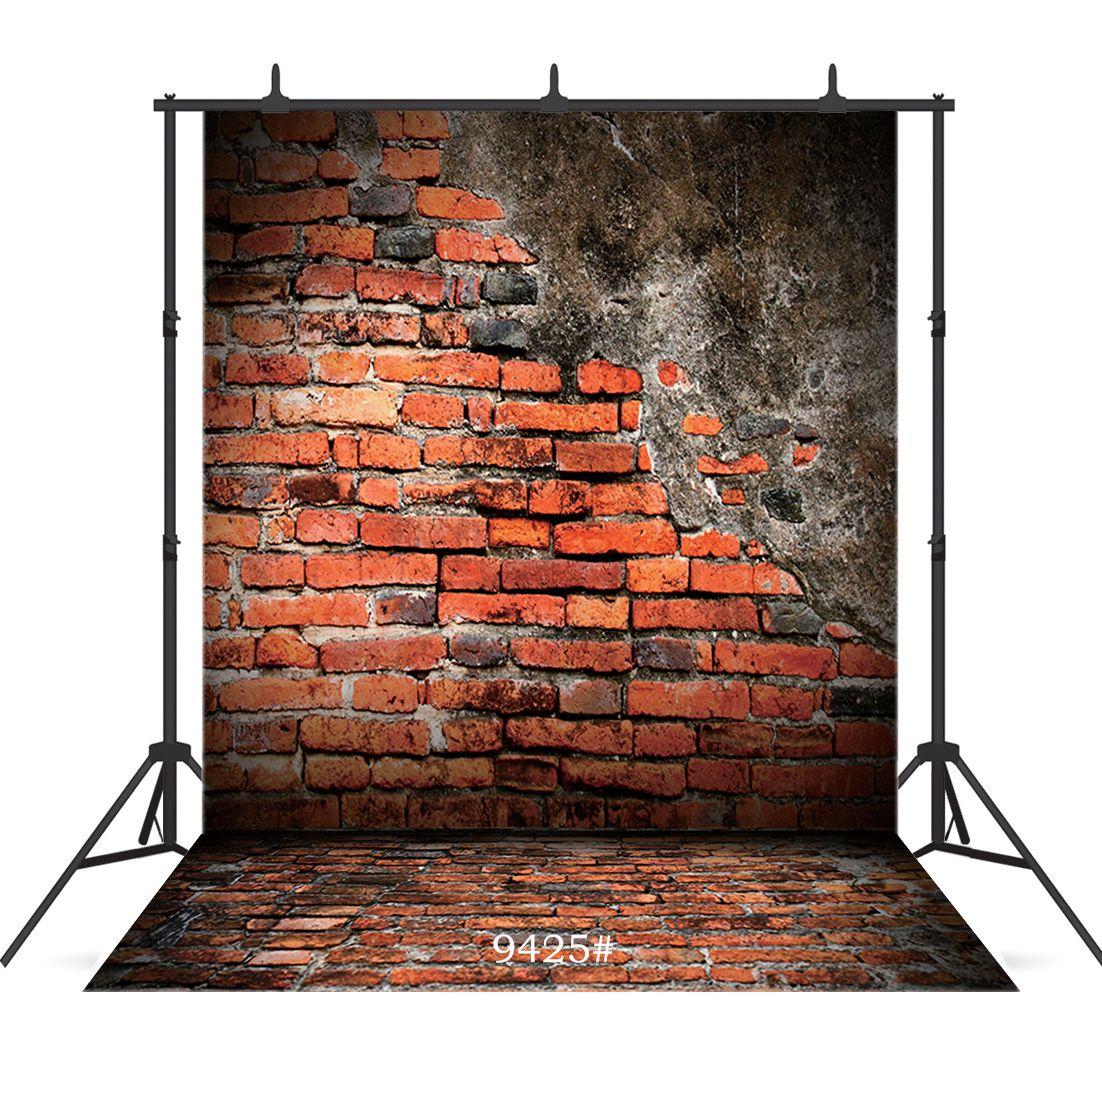 Виниловые портретной фотография фон старинного гранж кирпичной стена пол для душа ребенка новорожденных дети портрета фон фотосессия студии